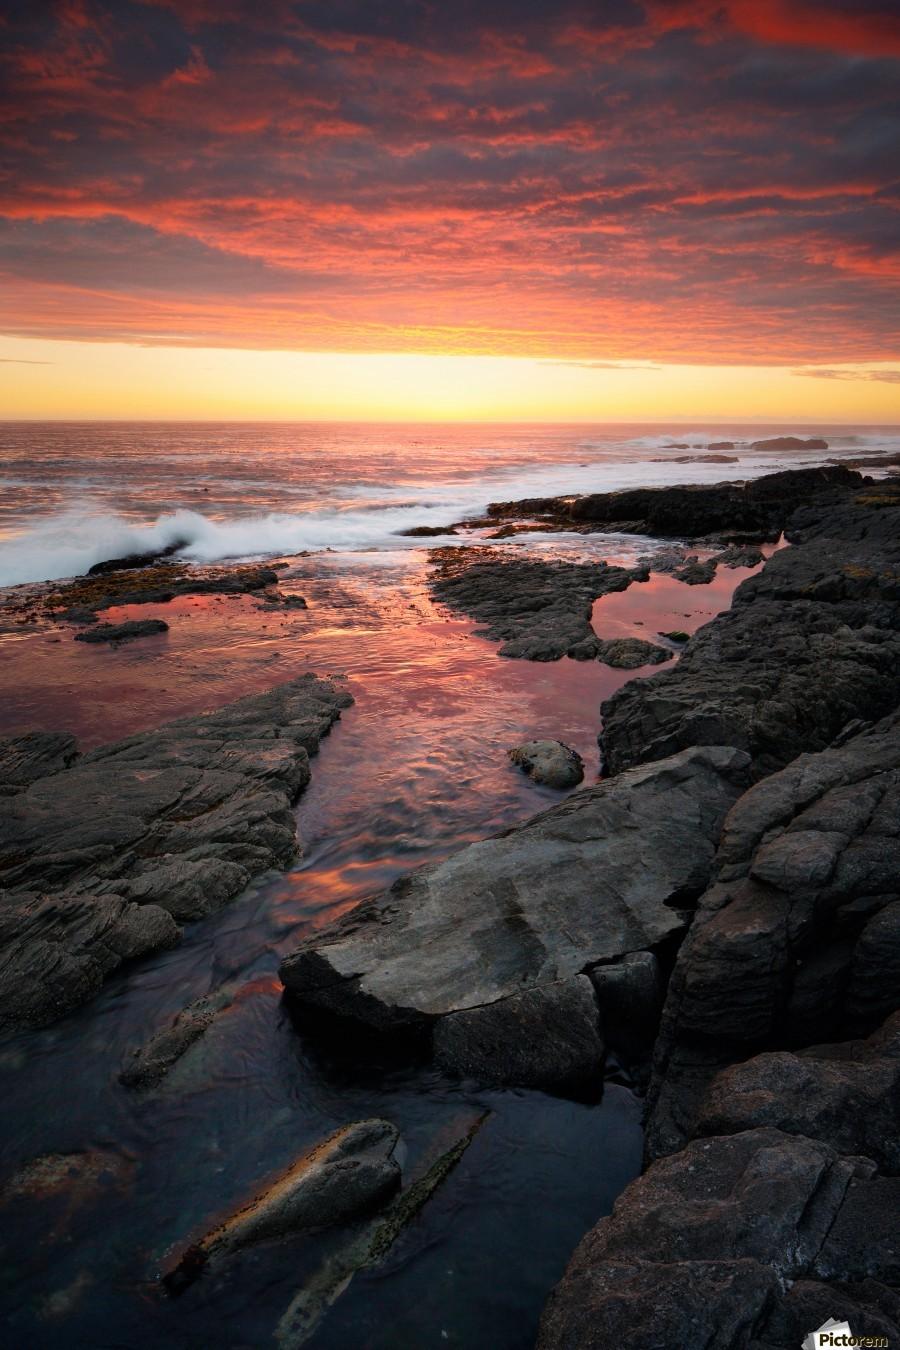 Sunset over rocky coastline  Print